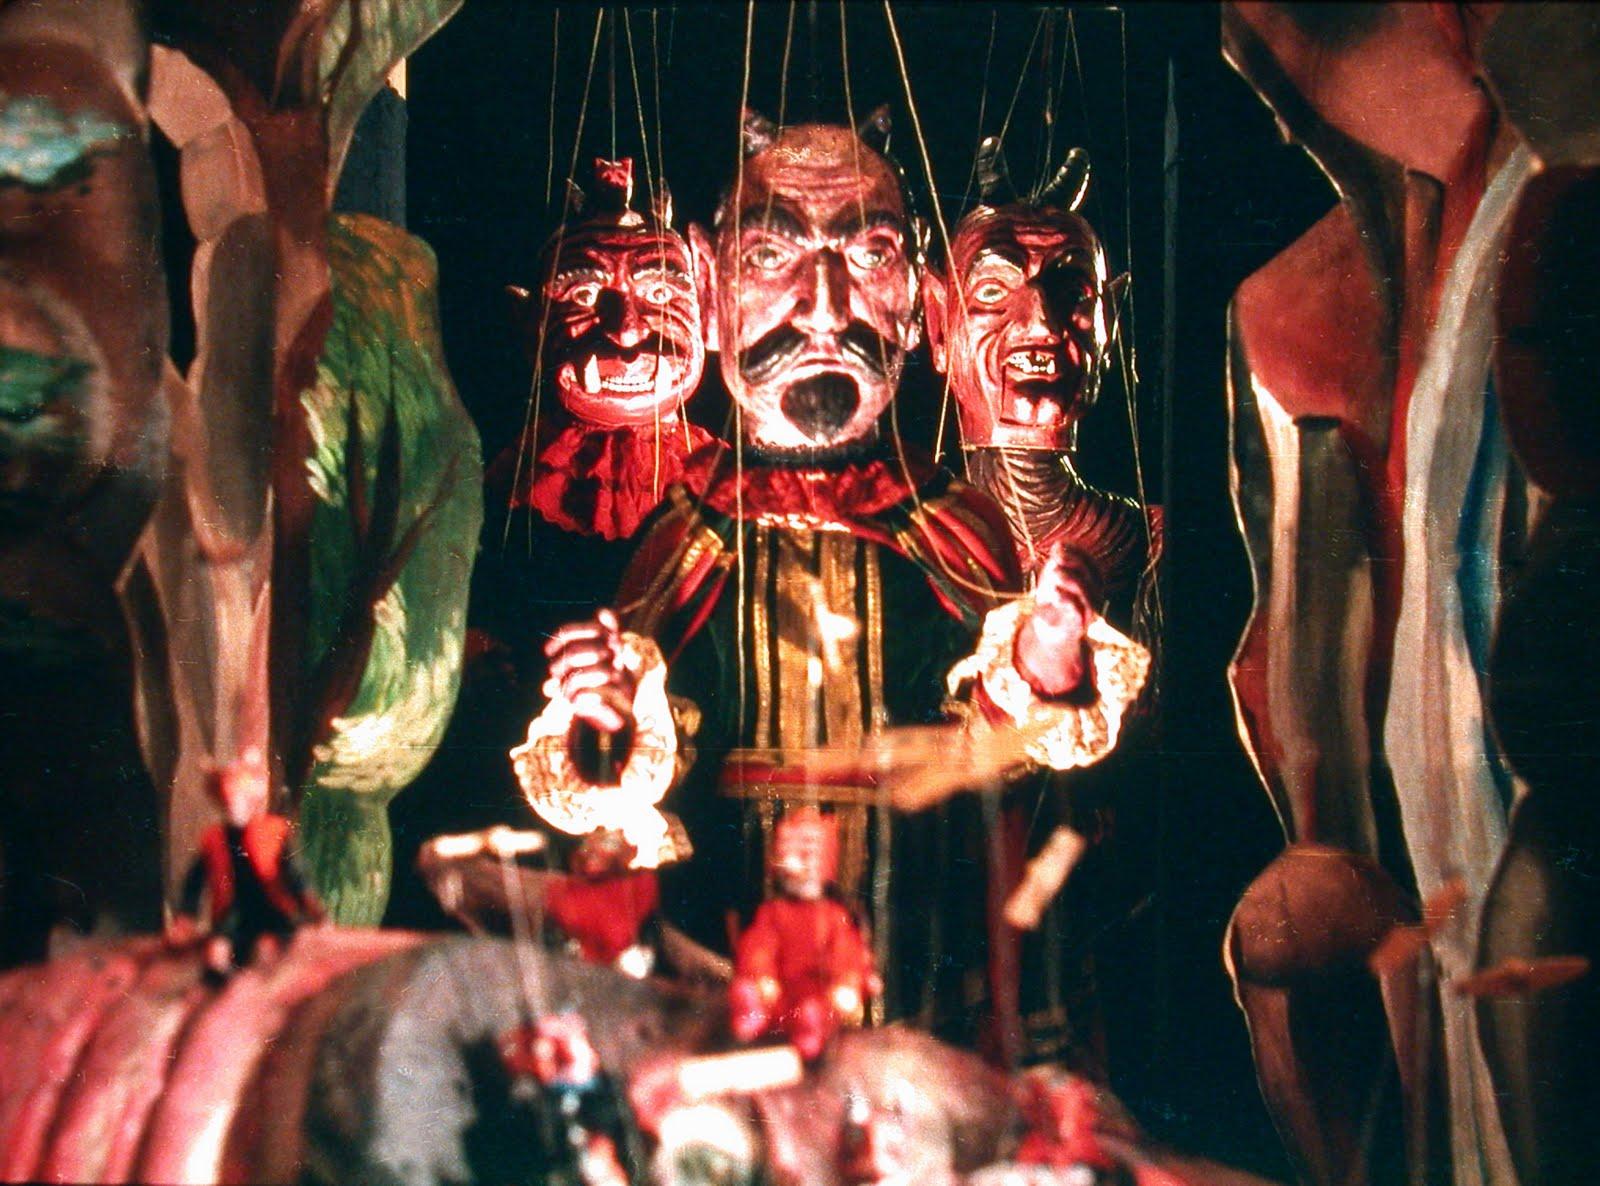 A zsinórokat elengedő kéz képe és a baba szabad elfutása lehetetlen, értelmezhetetlen jelenséggé változtatja a bábot. <em>Faust</em> (Jan Svankmaier, 1994).